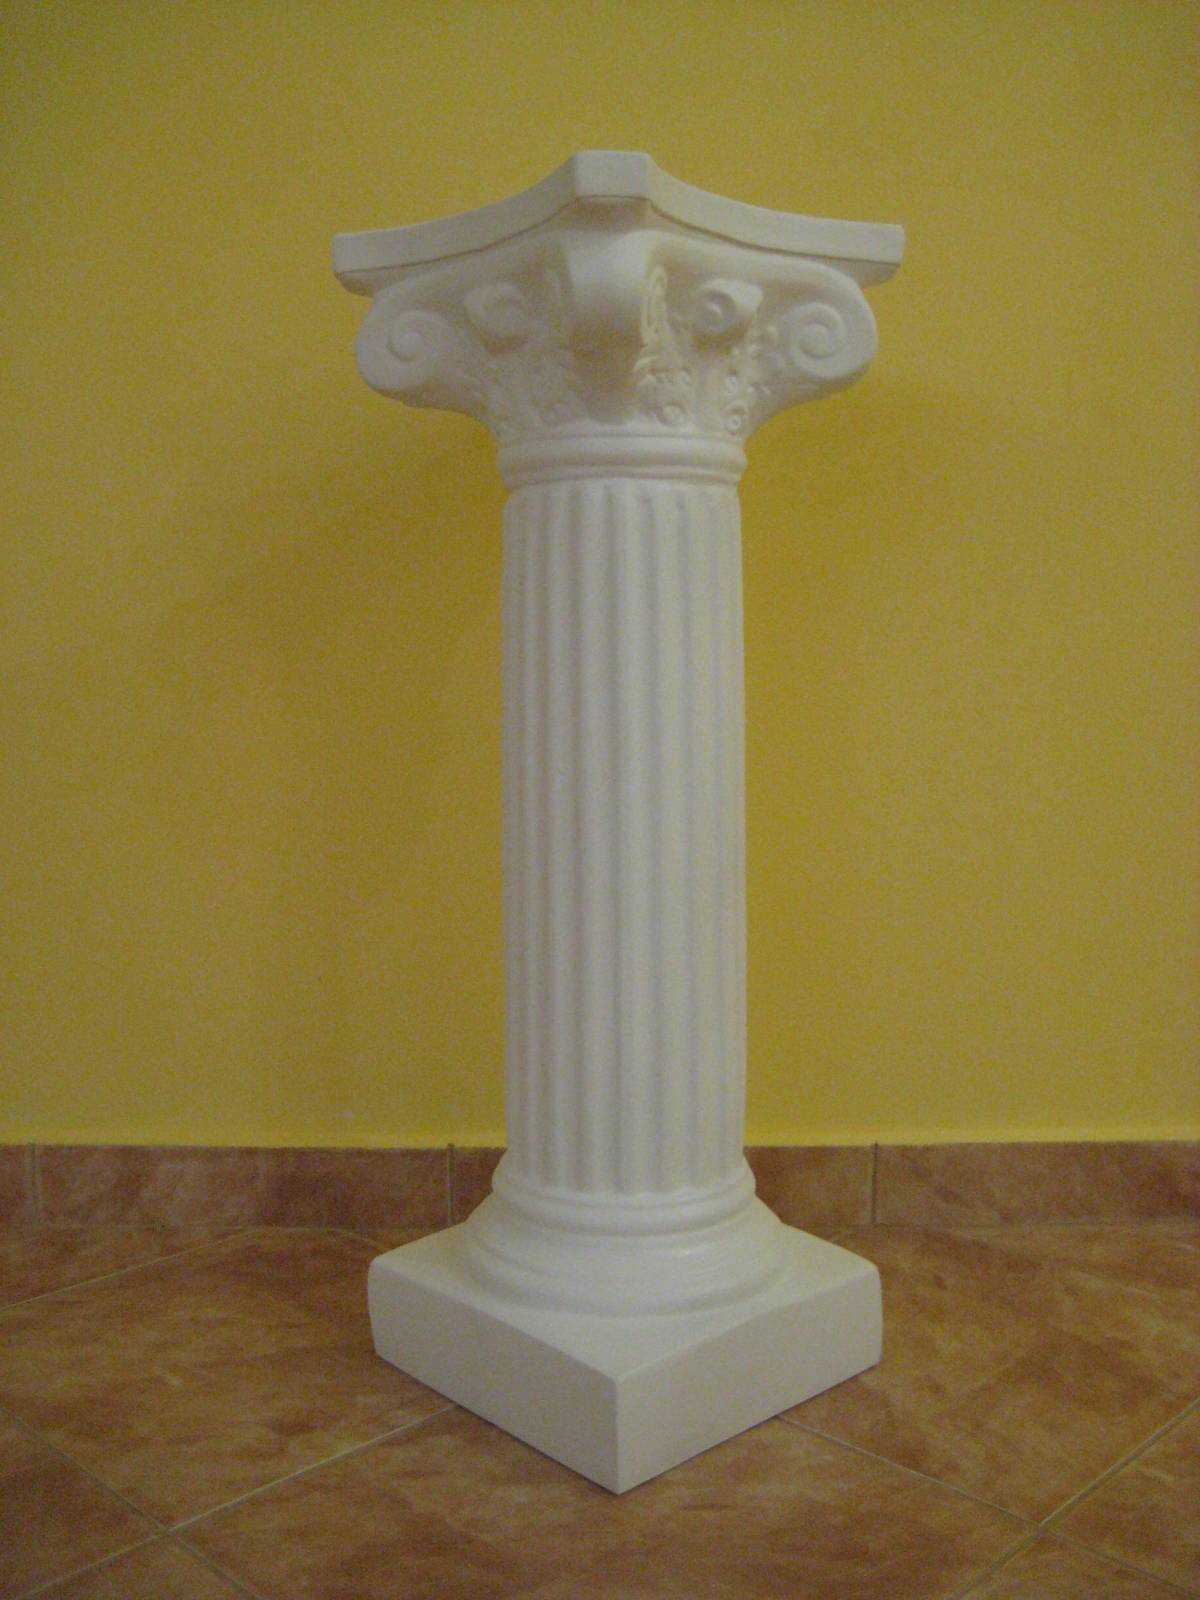 Изготовление колонны своими руками видео